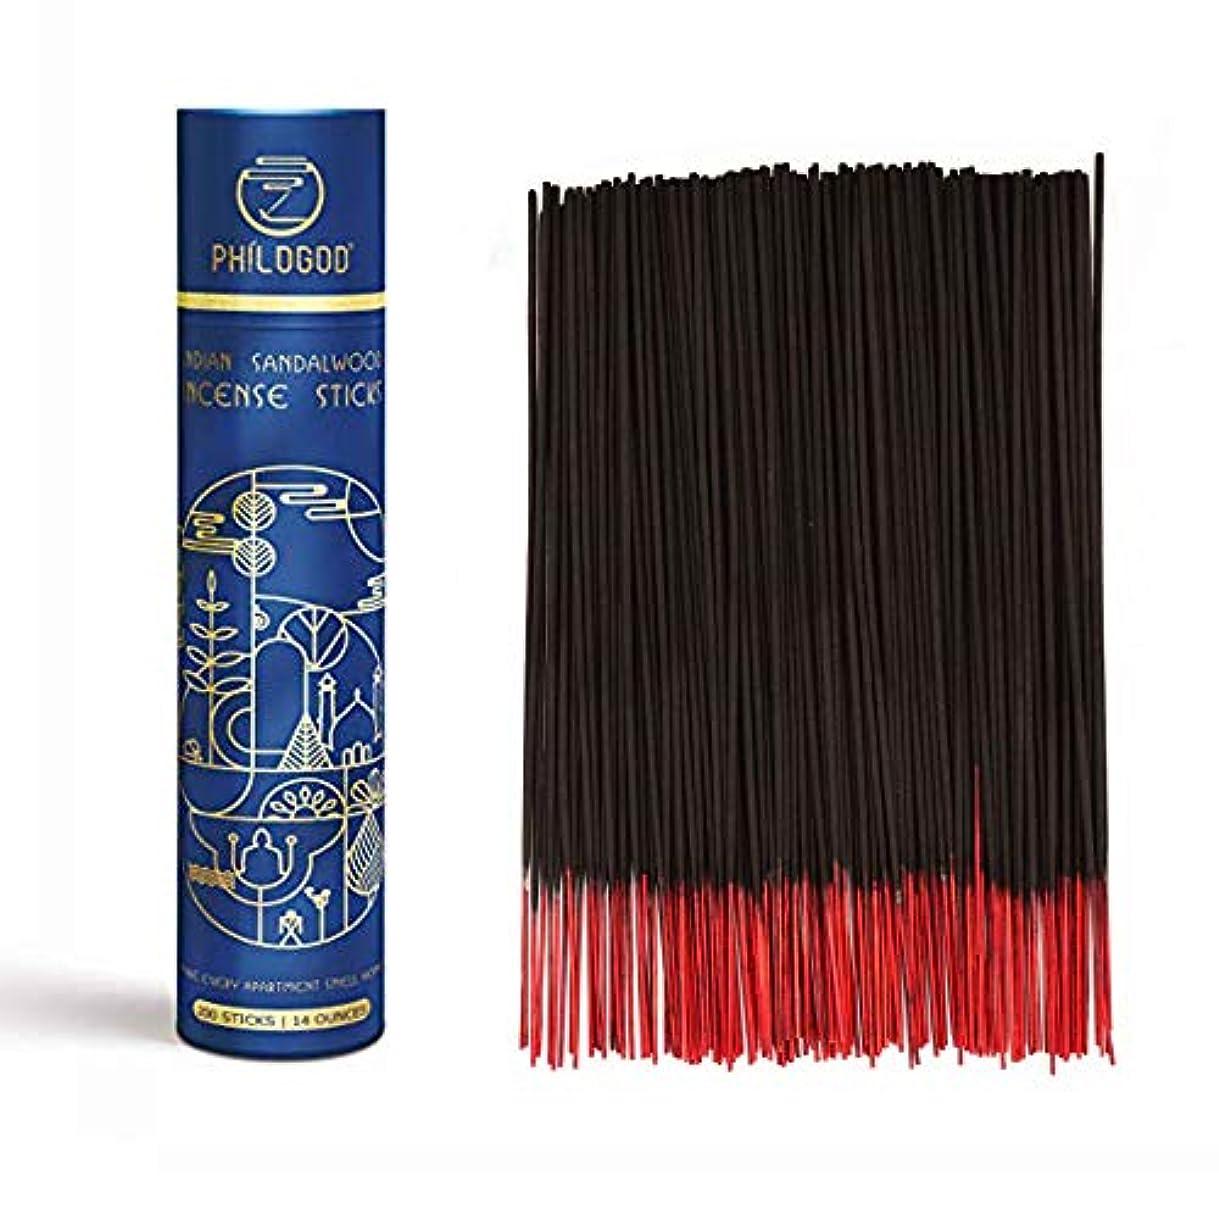 パーツ慣らす研磨上質なインドお香スティック 手作り 100%ナチュラル 長続く線香 ヨガ瞑想 200本入れ (オリエンタル系)